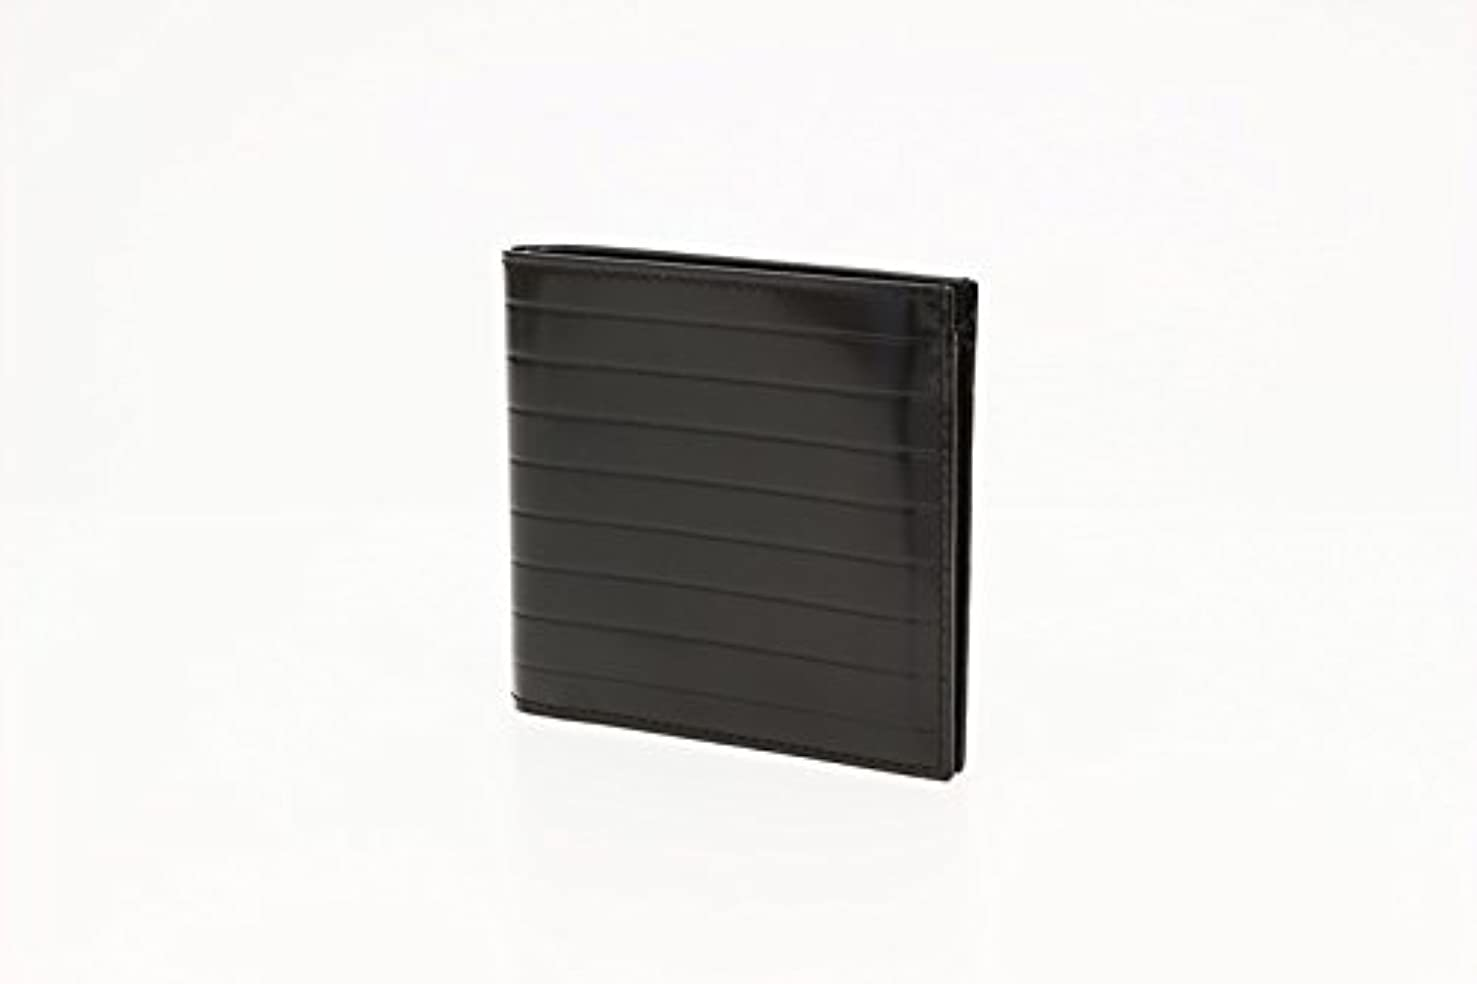 ヘルシーメッシュ上に築きます(ディオール) Dior メンズ 二つ折り財布 札入れ 小銭入れ無 レザー ブラック 中古